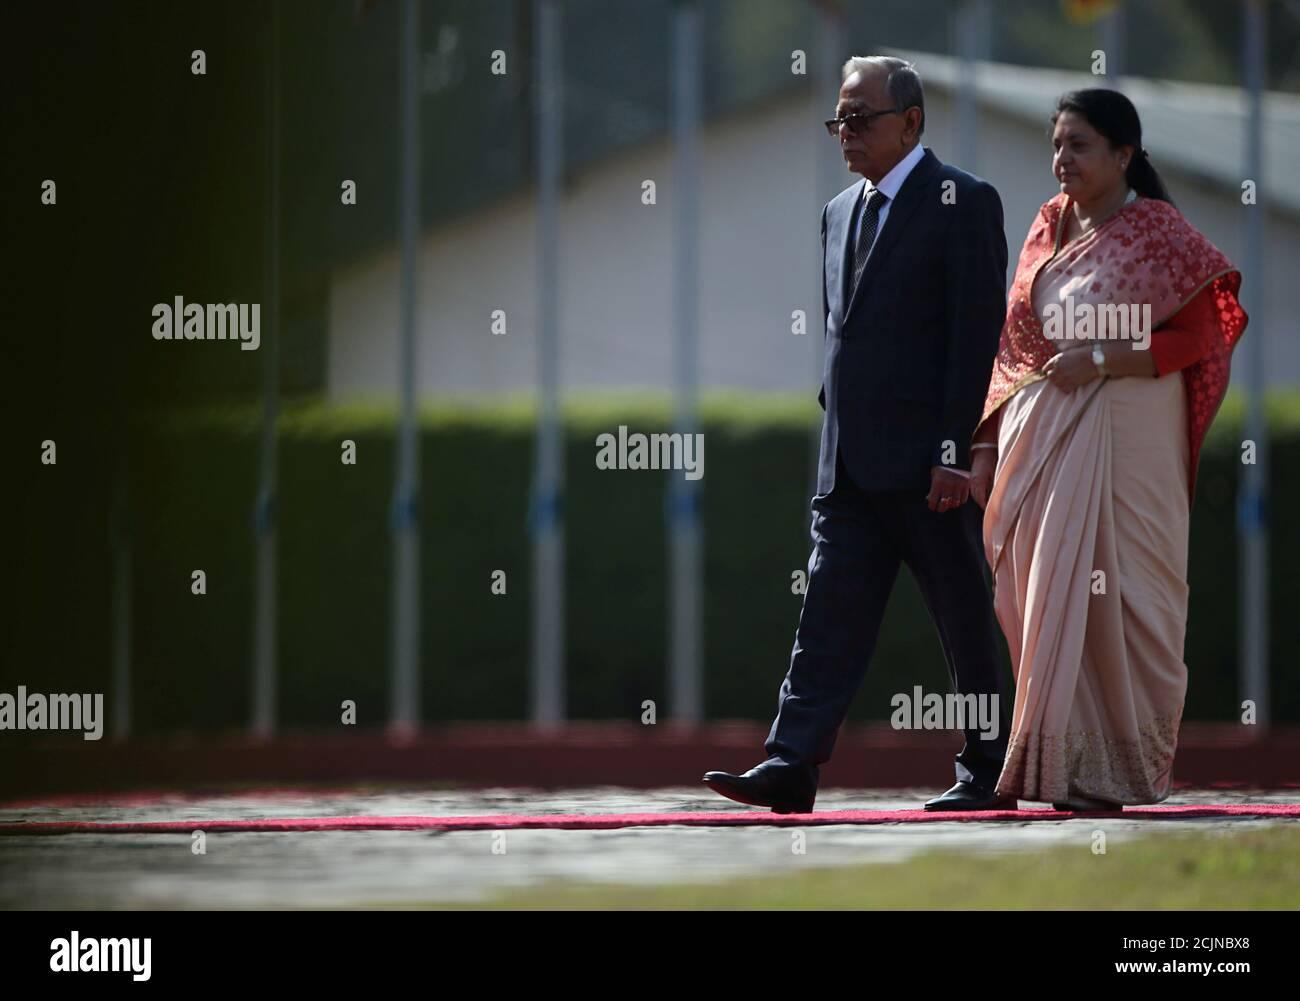 Il presidente del Bangladesh Abdul Hamid cammina con il presidente del Nepal Bidhya Devi Bhanari per ispezionare la guardia d'onore al suo arrivo all'aeroporto internazionale di Tribhuvan a Kathmandu, Nepal, il 12 novembre 2019. REUTERS/Navesh Chitrakar/Pool Foto Stock